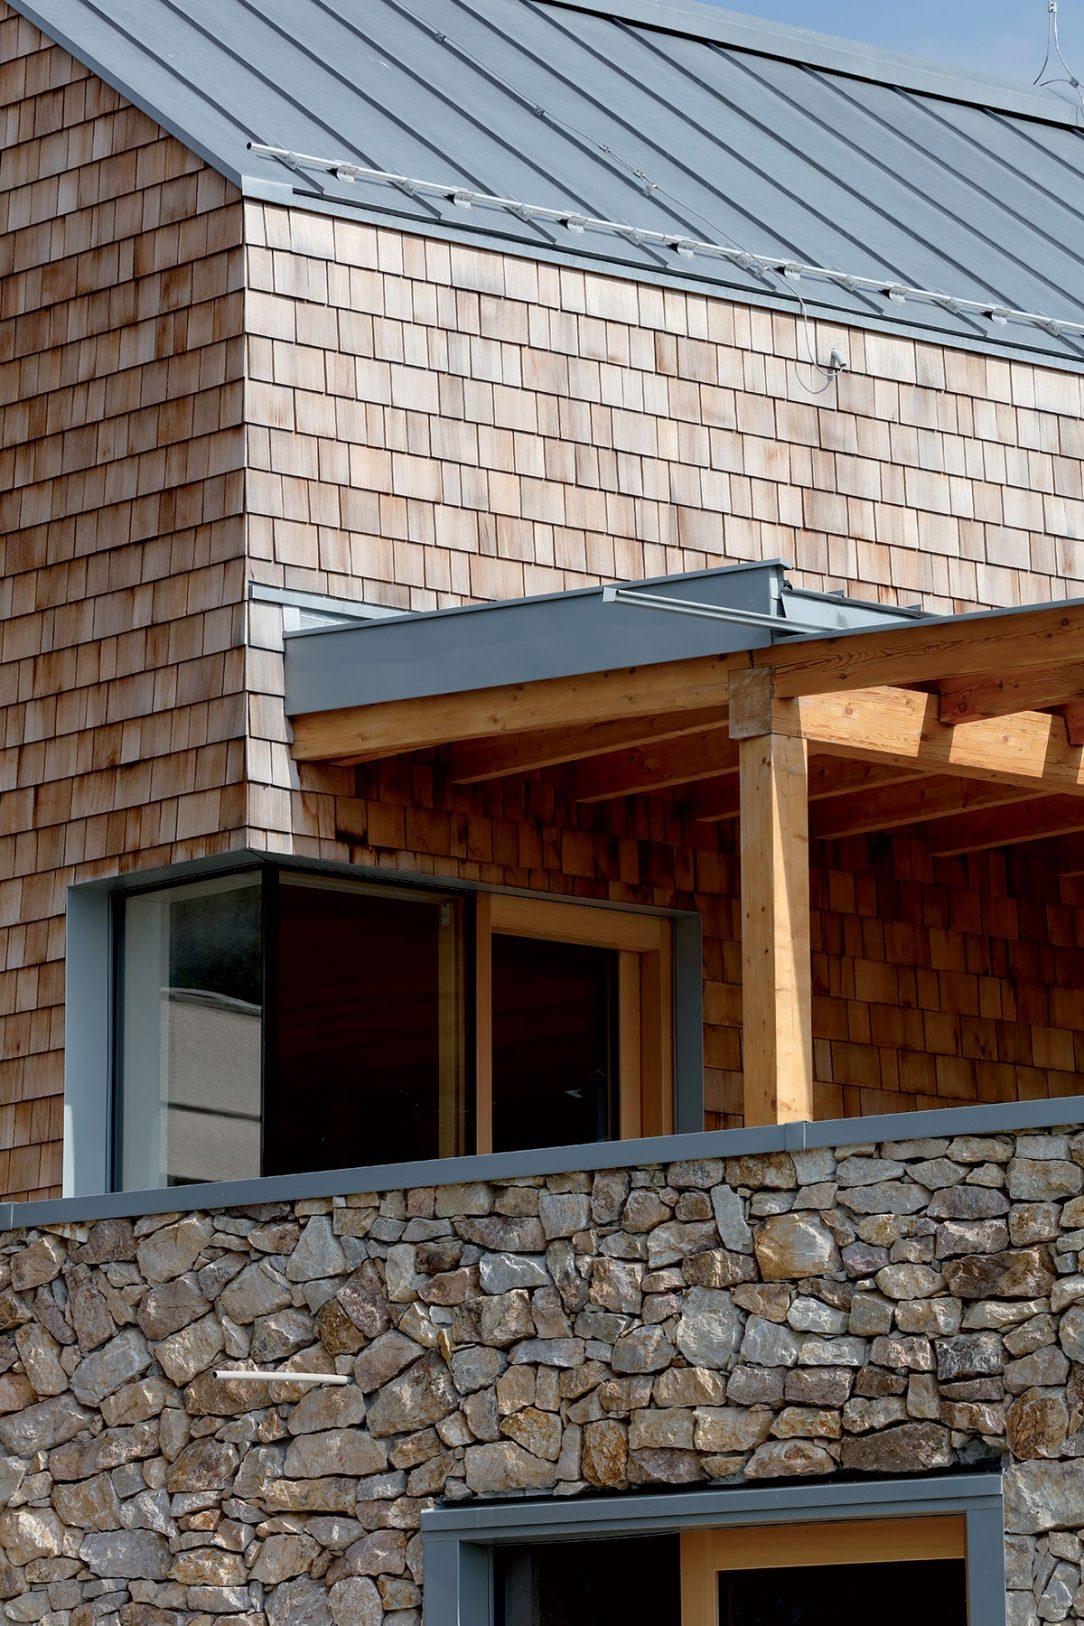 Moderná drevostavba s experimentálnou fasádou z cédrového šindľa.